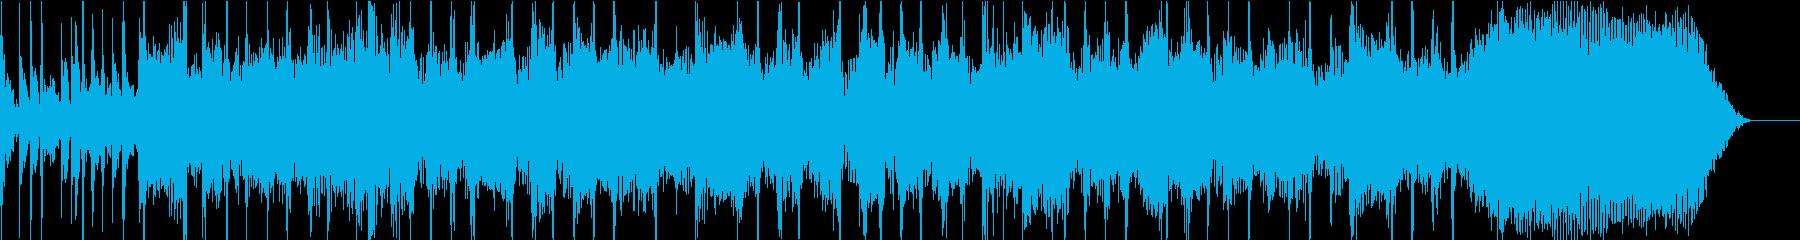 カッコいいハードロックのギターリフの再生済みの波形